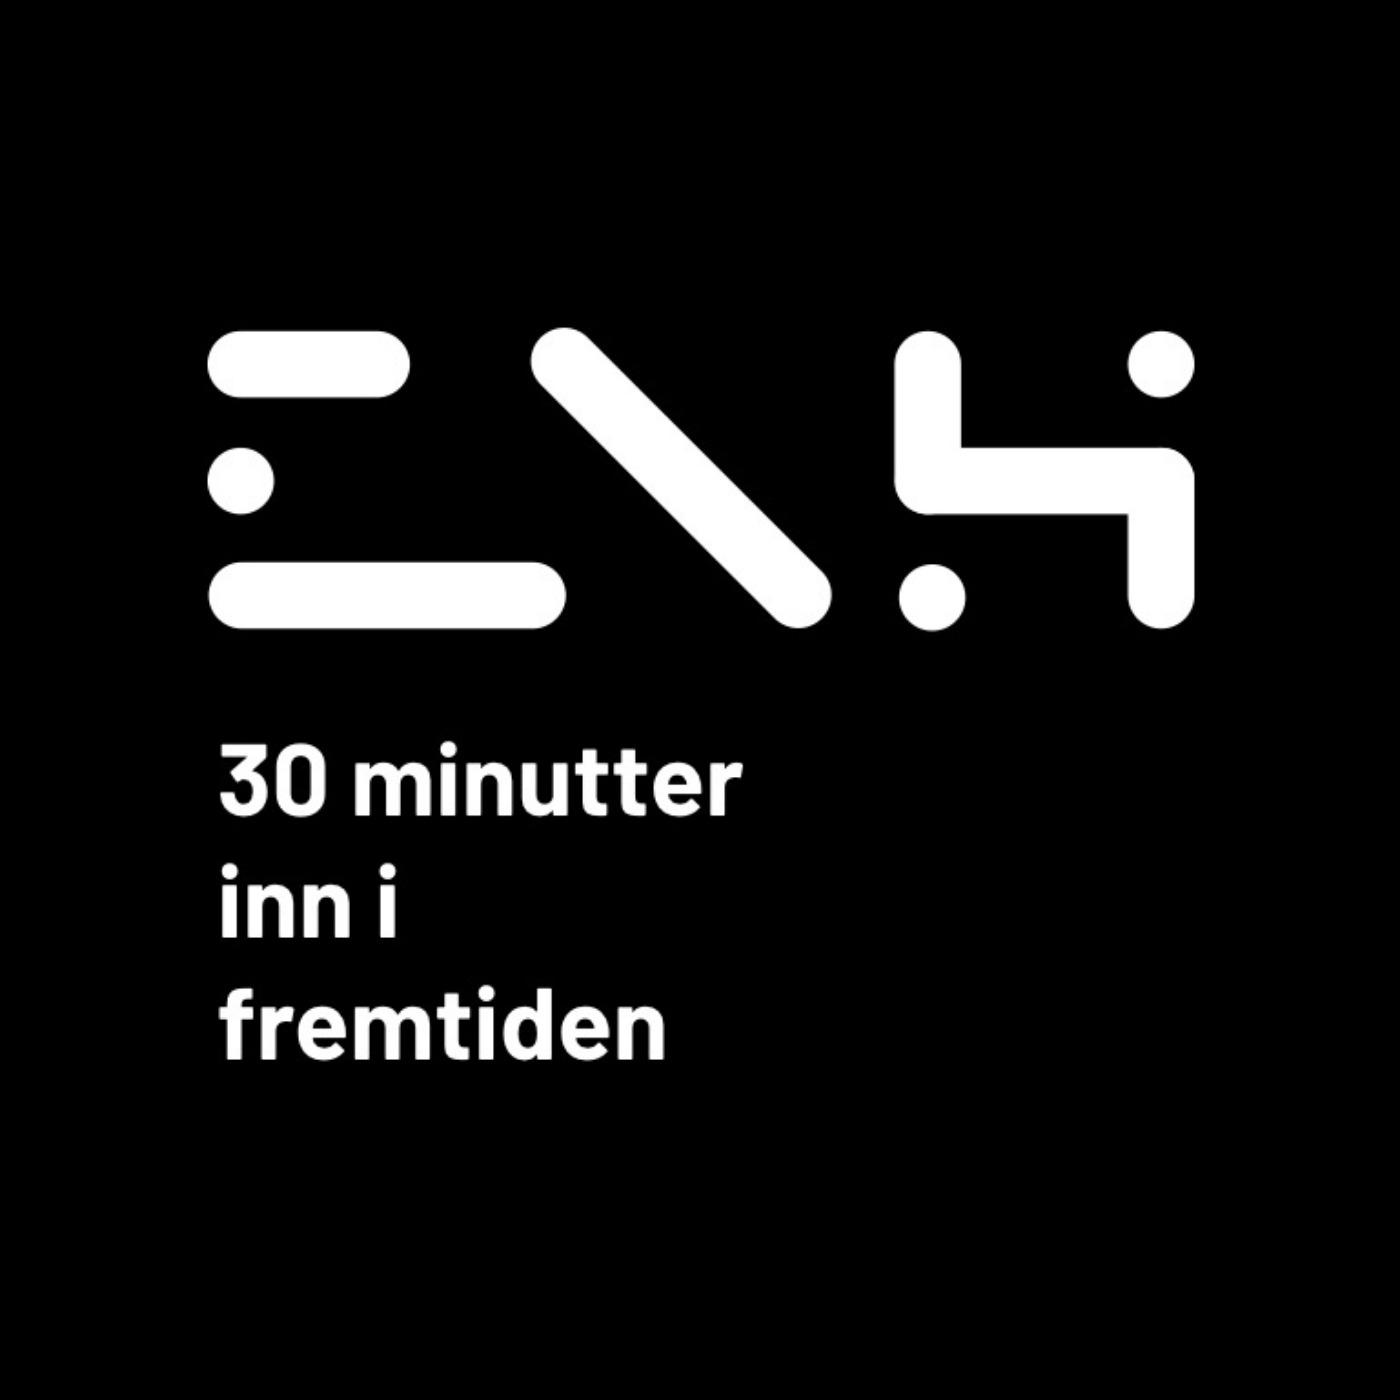 30 minutter inn i fremtiden